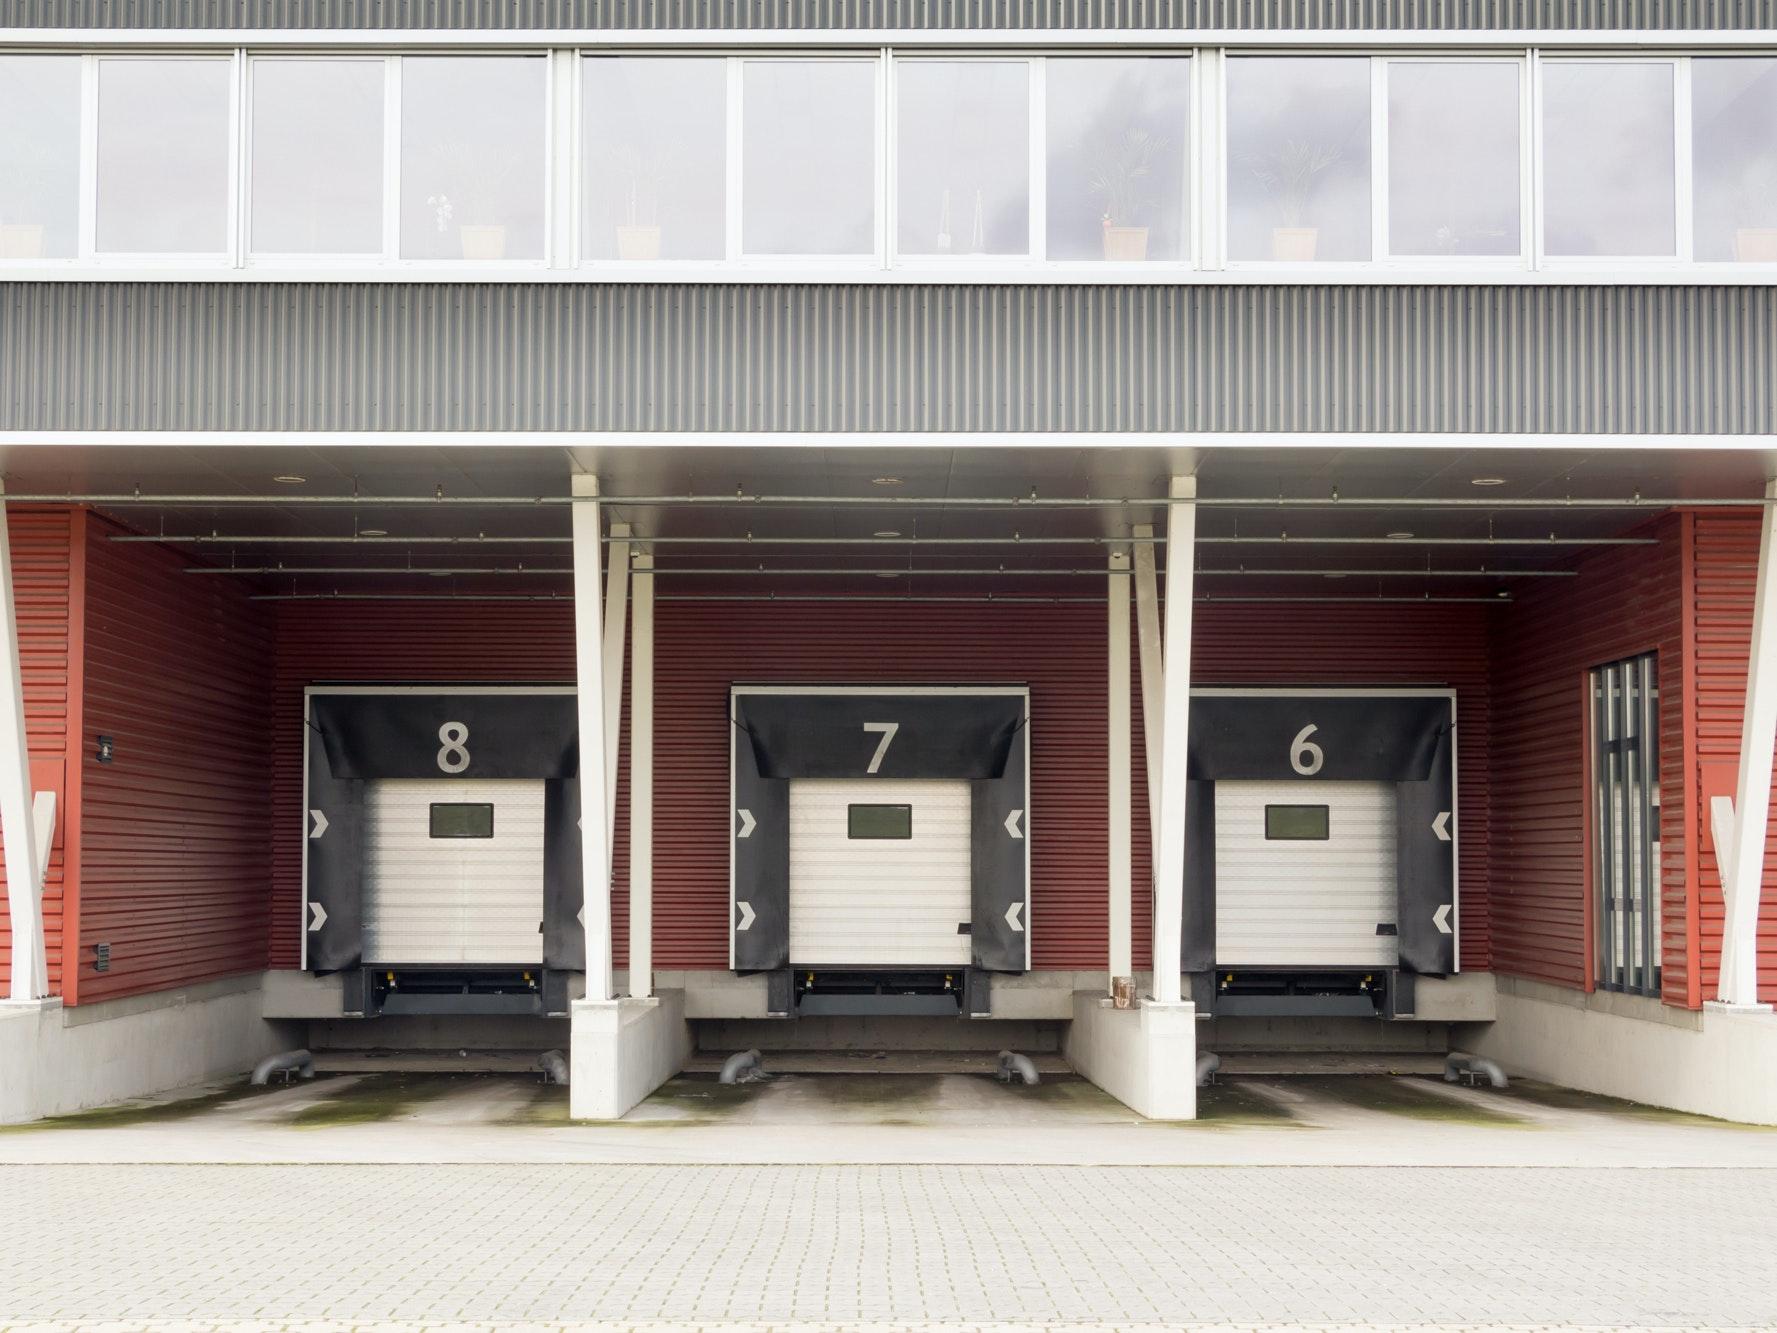 De laad- en los- platforms voor vrachtwagens bij een magazijn